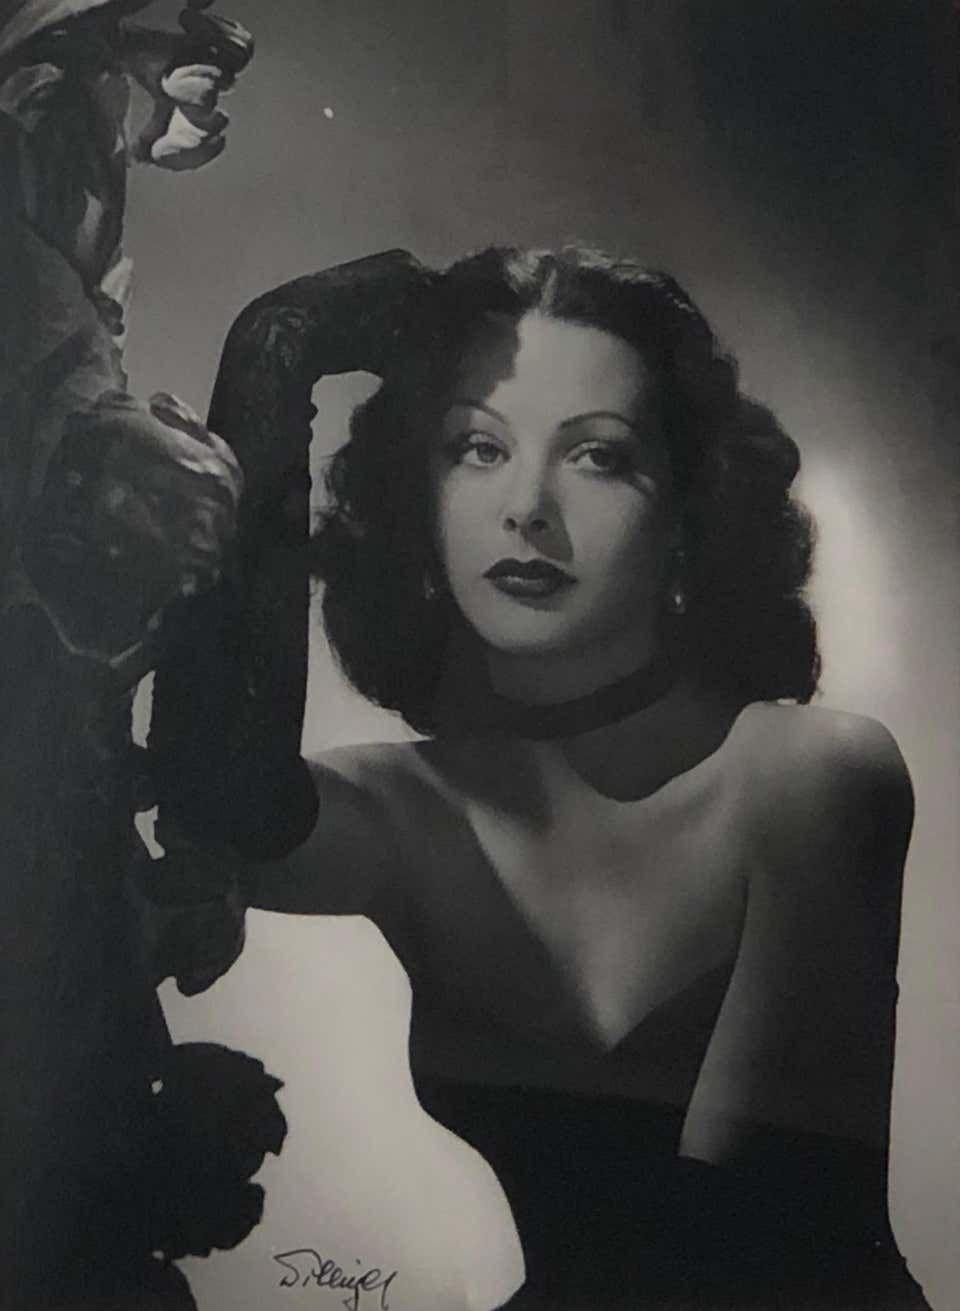 Laszlo Willinger - Laszlo Willinger, Hedy Lamarr, photograph